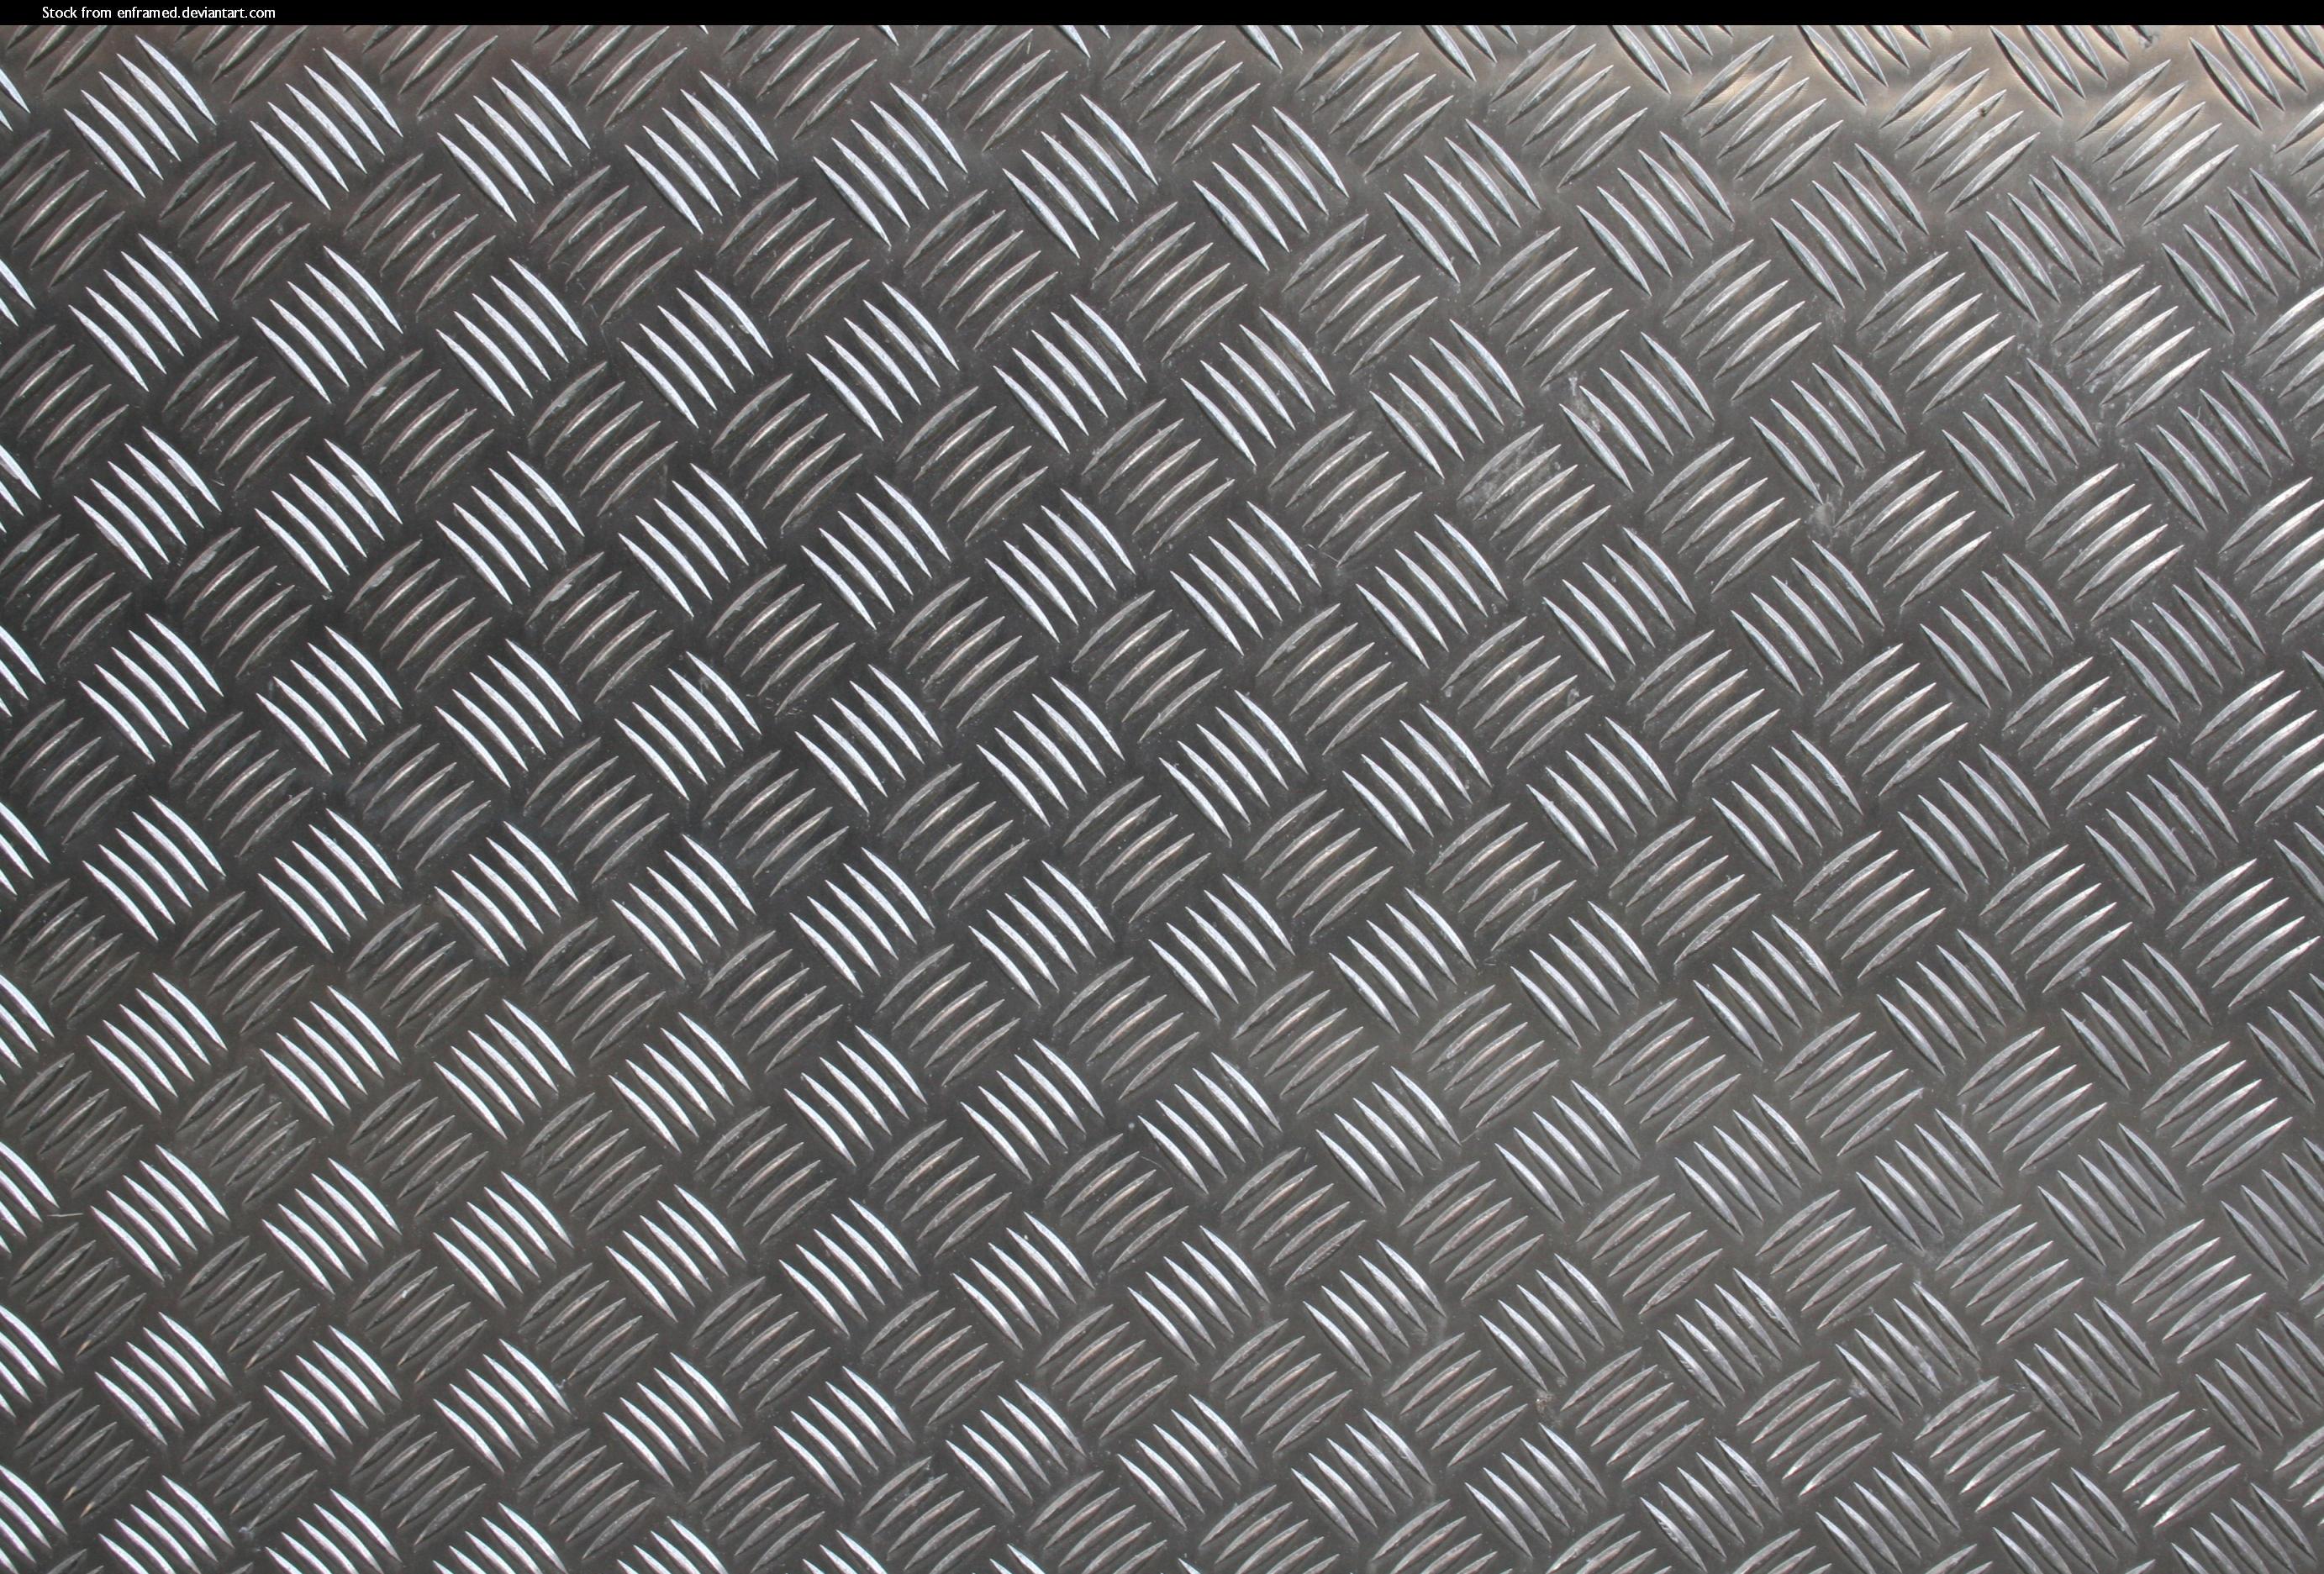 textures metallic